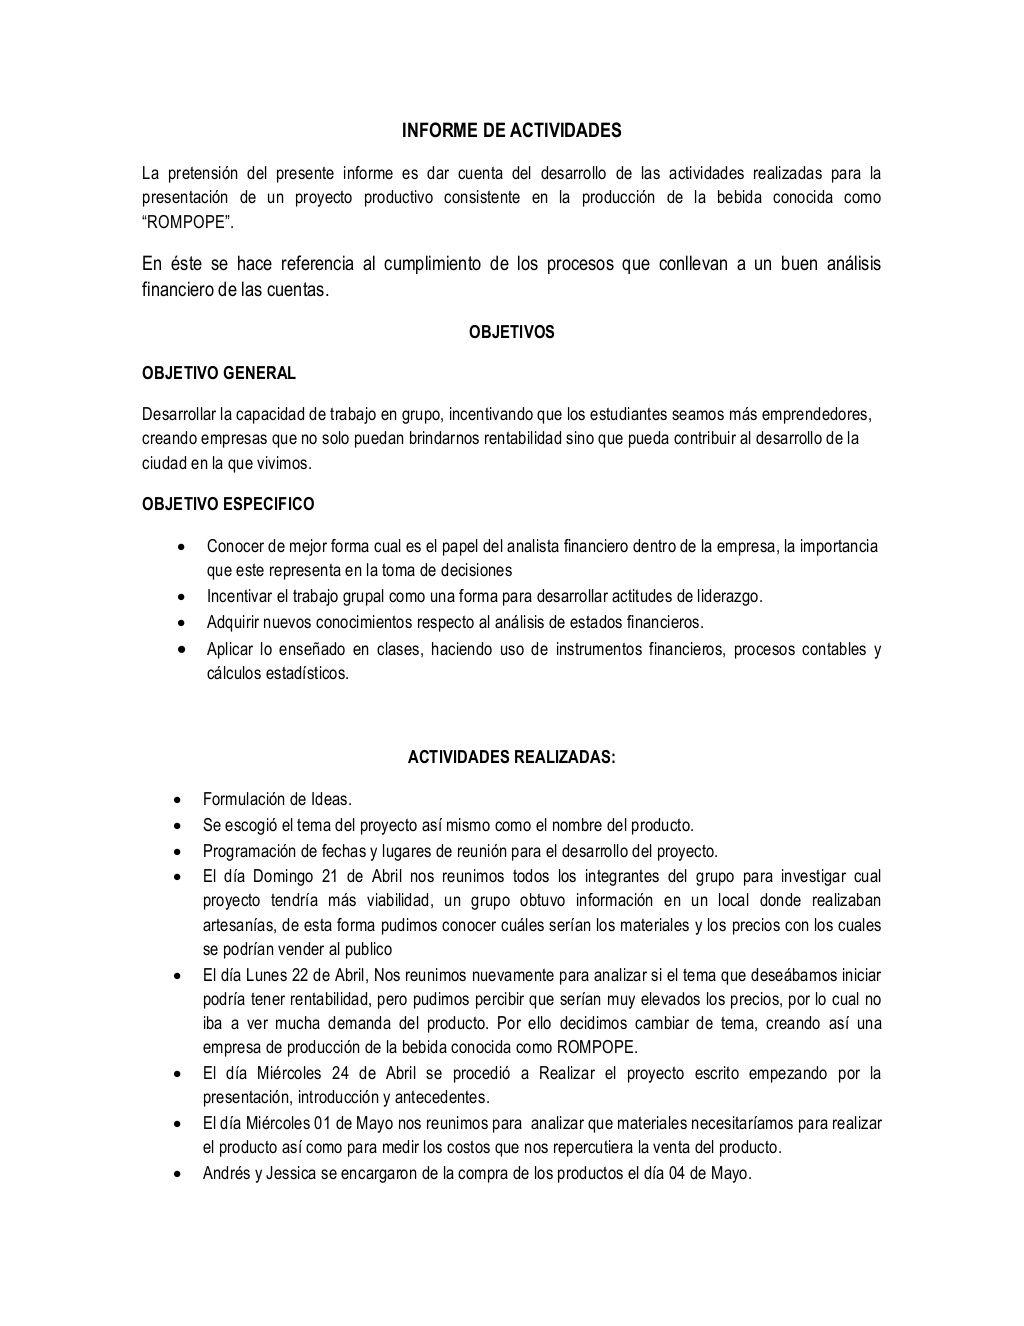 Encantador Informe Reanudar Analista Imágenes - Colección De ...